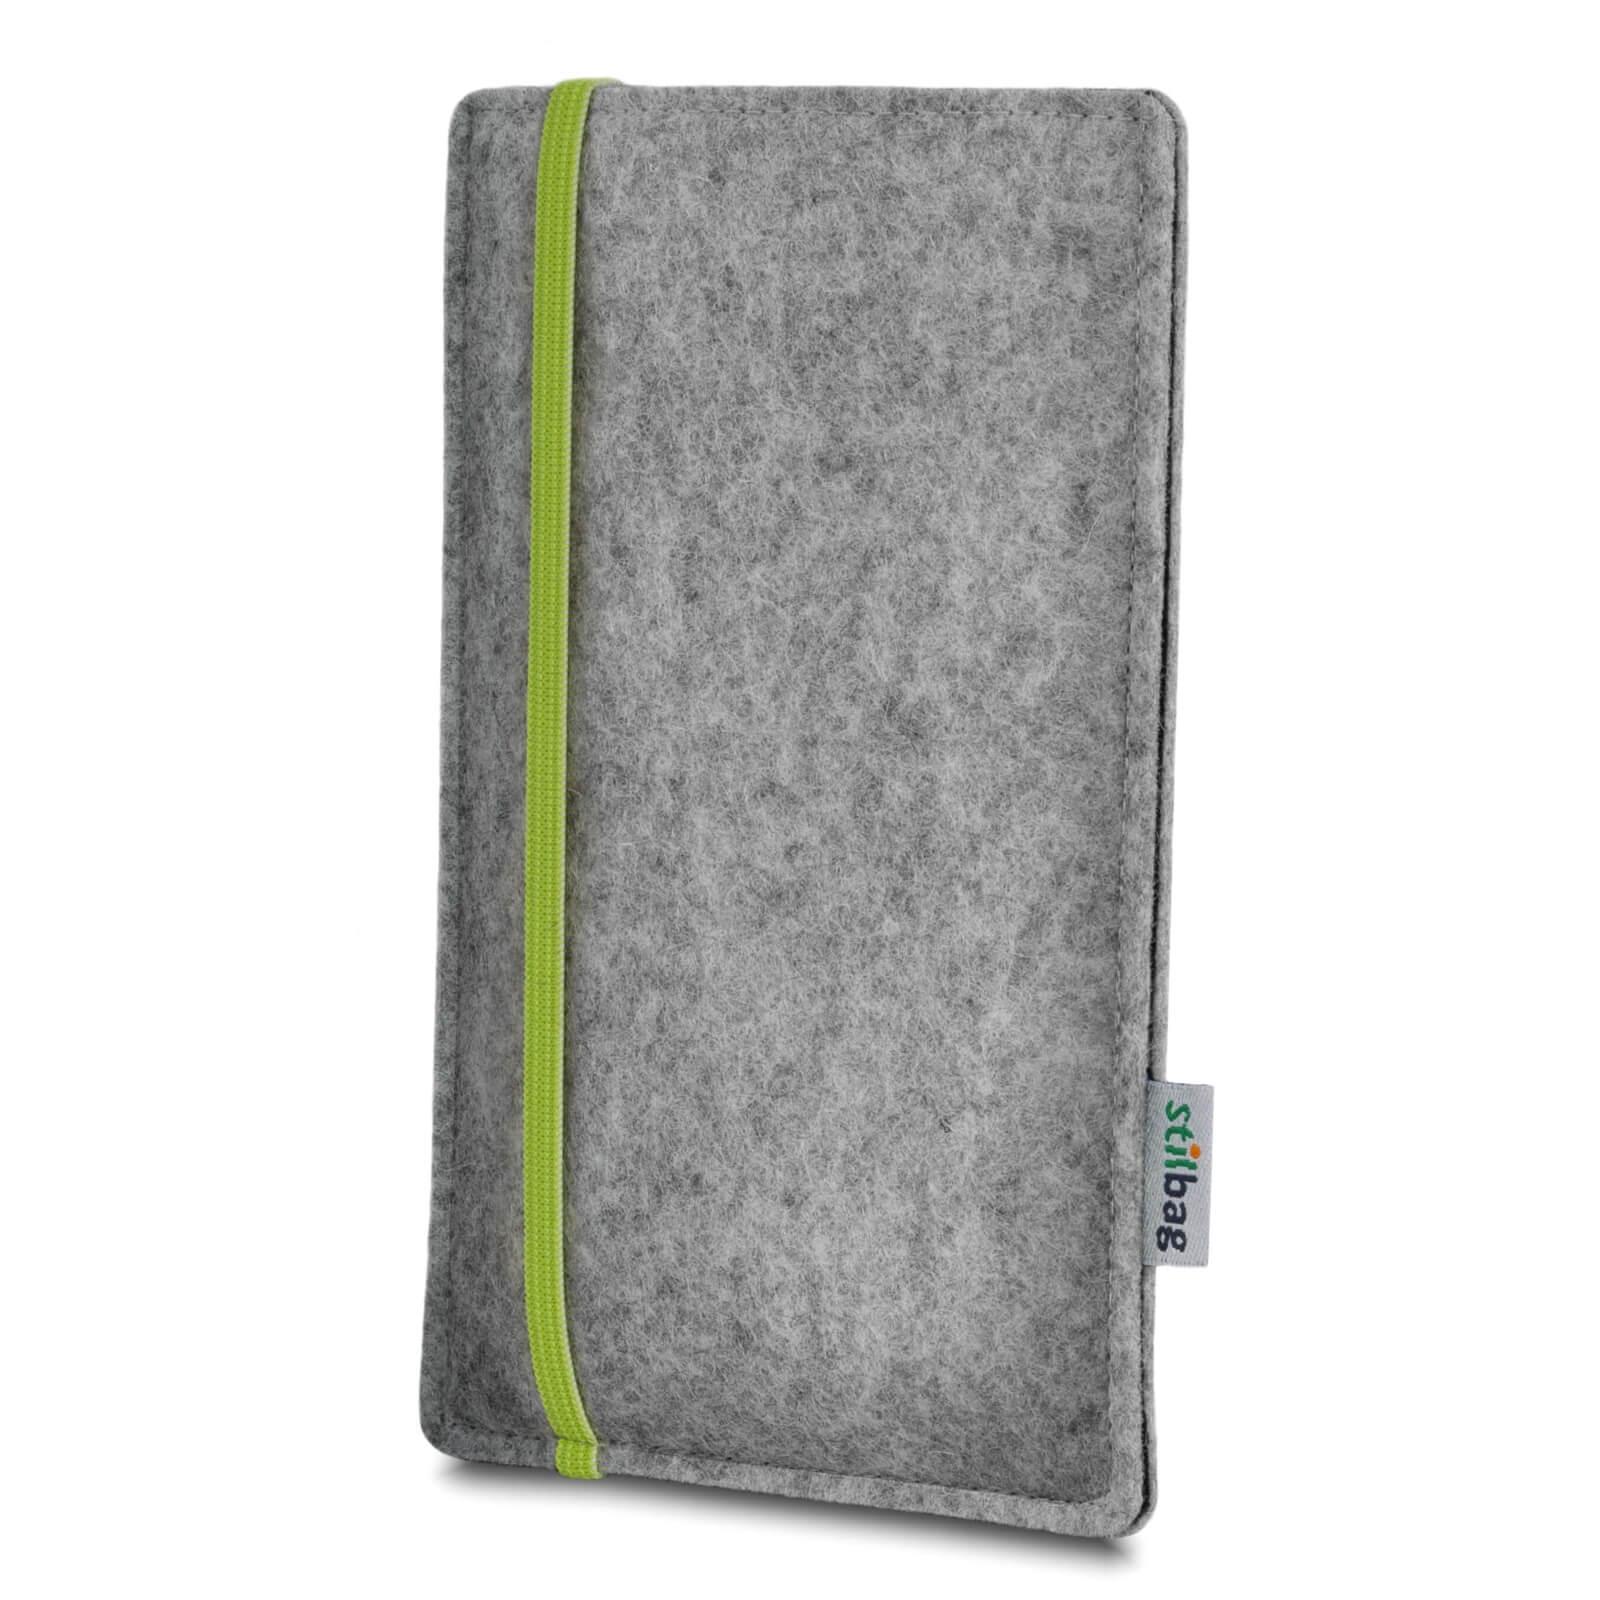 Stilbag-Feutre-Housse-mobile-Pochette-Etui-LEON-HTC-One-X-Plus-gris